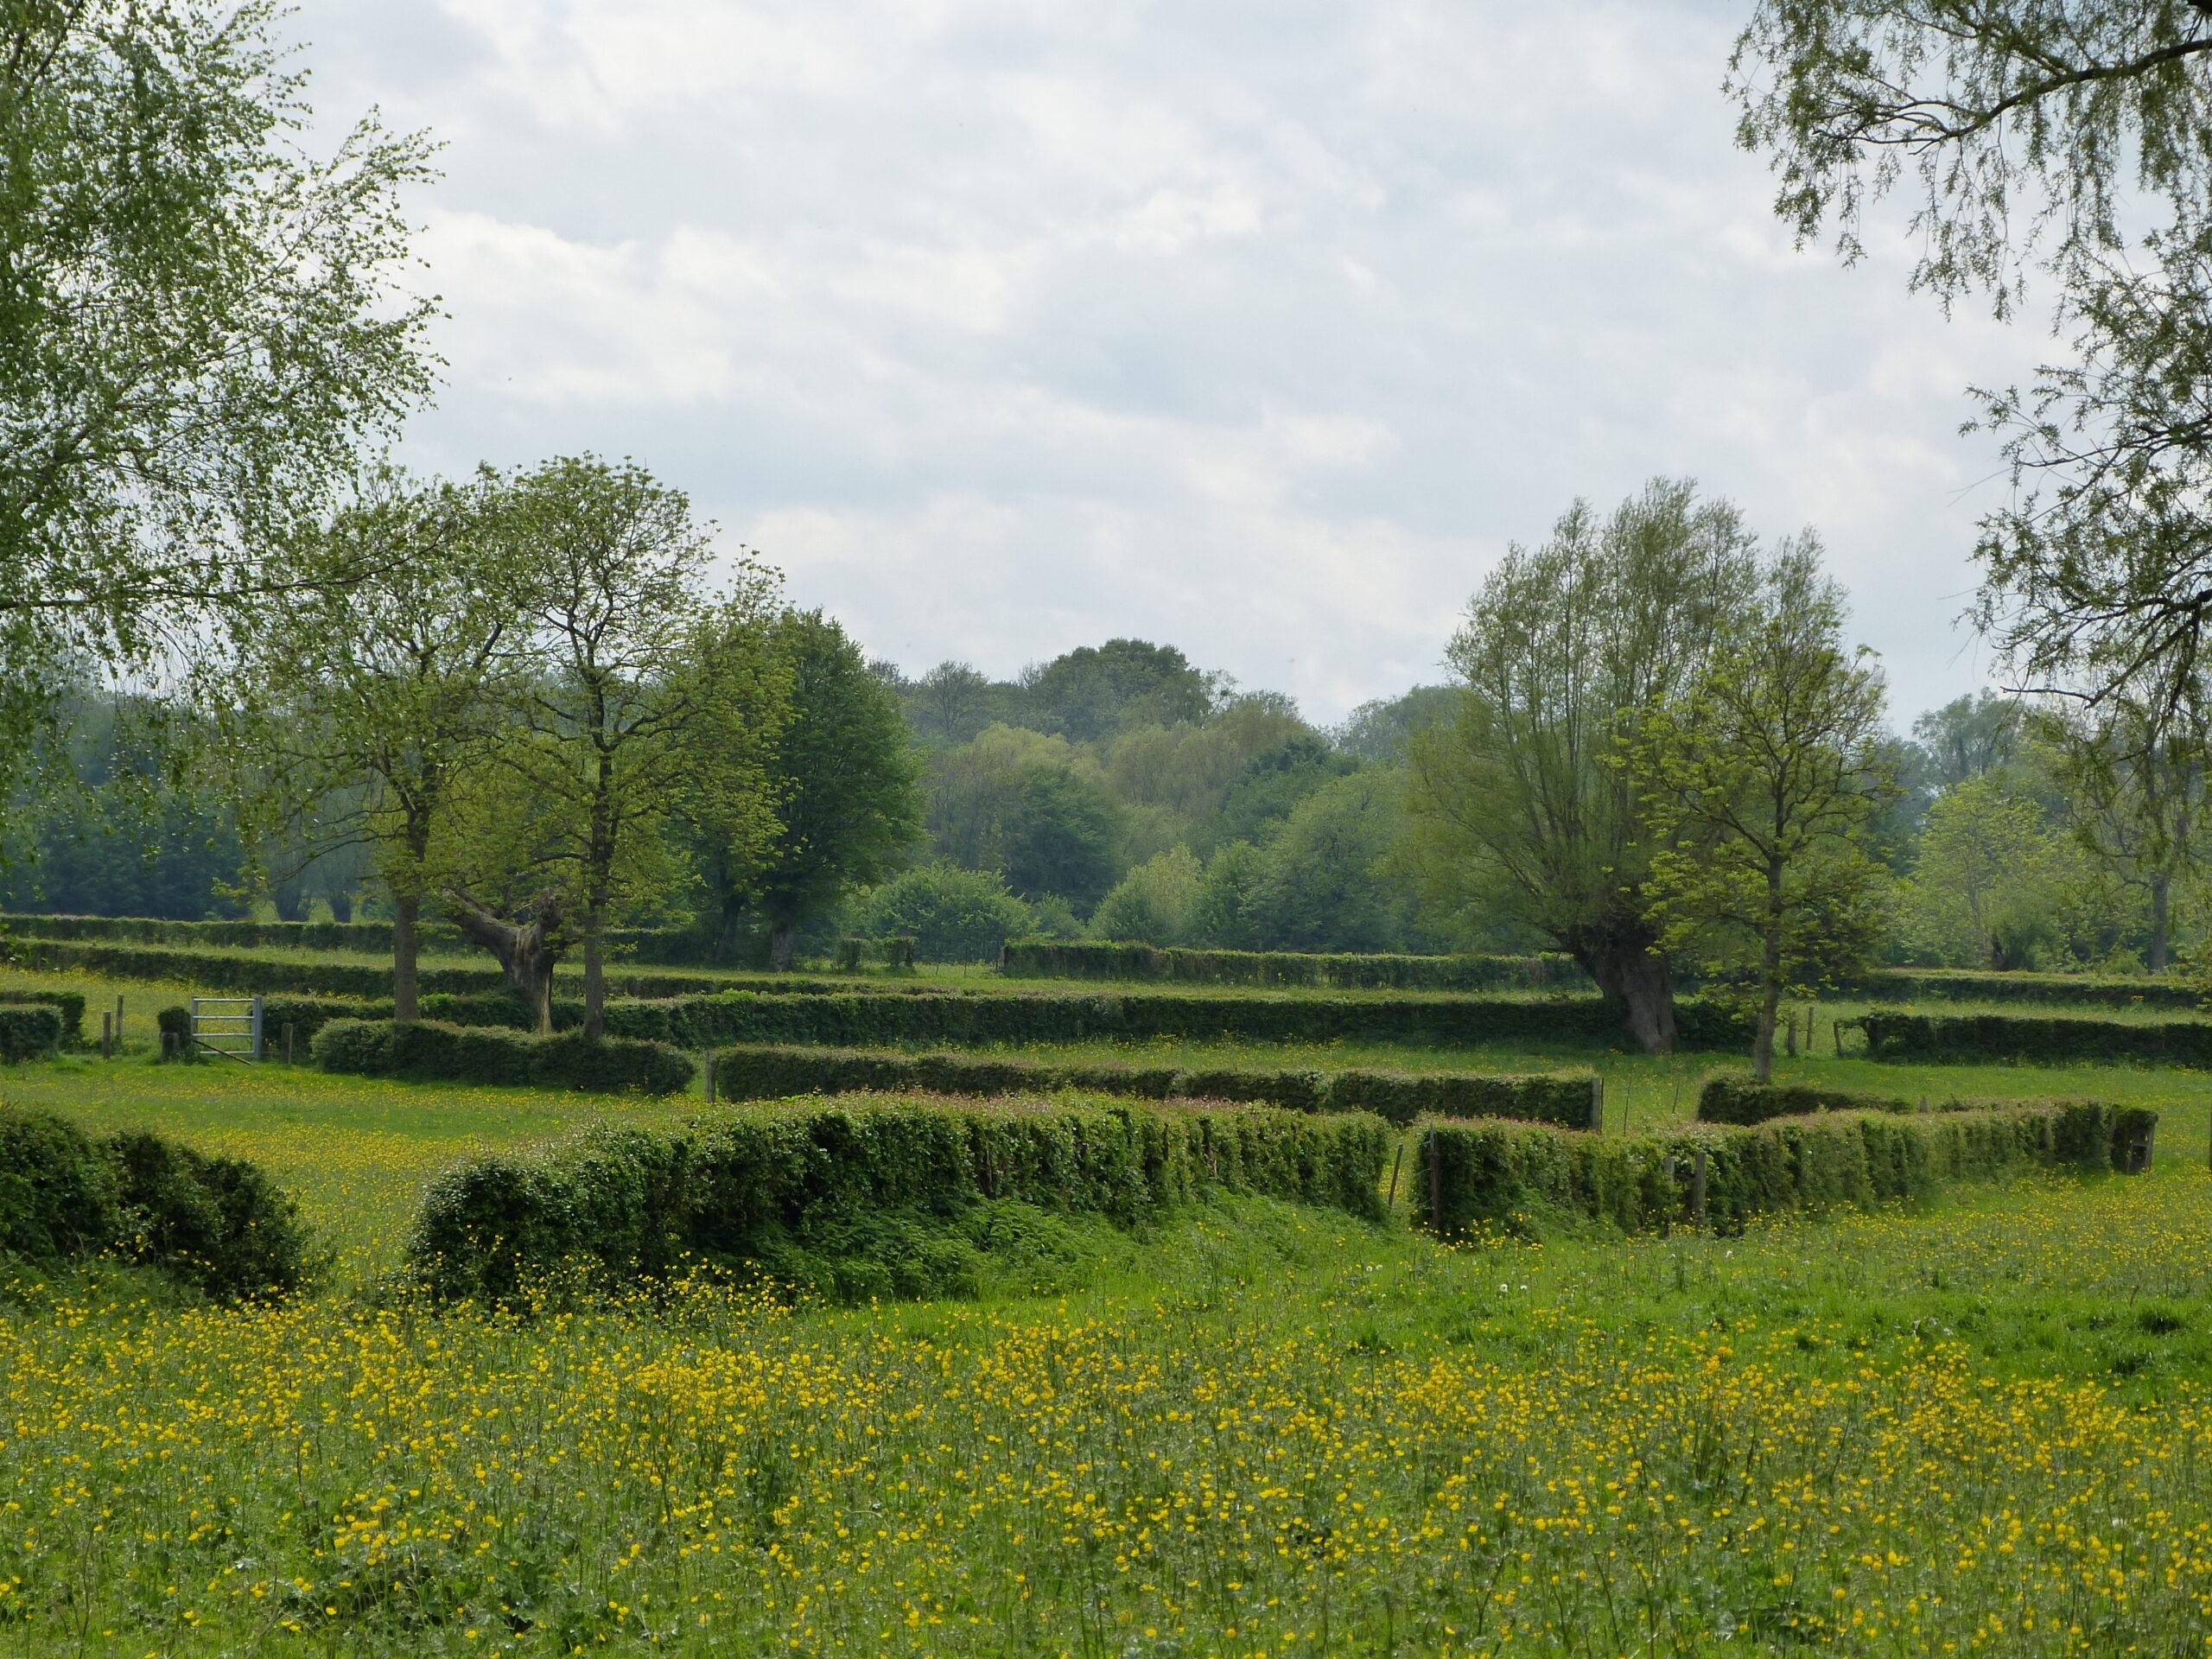 avesnoisparquenatural scaled - Parc Naturel Régional de l'Avesnois-Nord-France